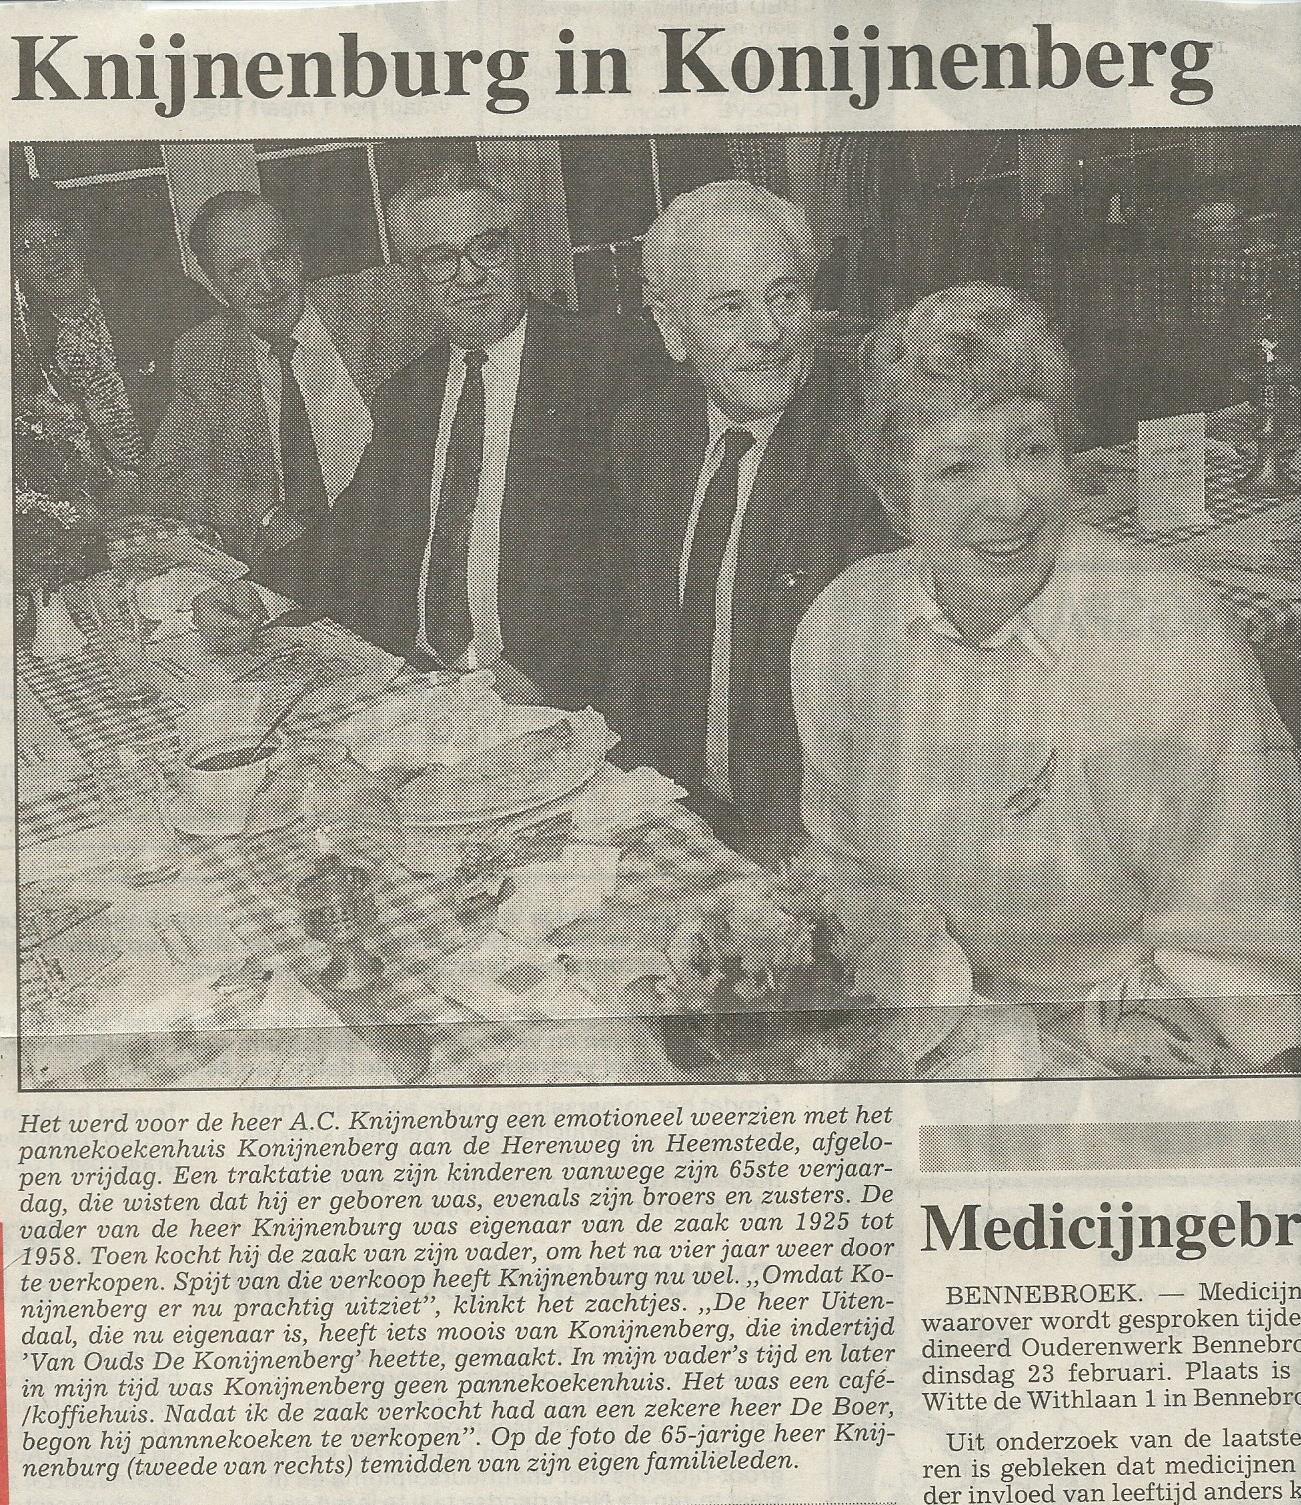 Knijnenburg in Konijnenberg. Uit: de Heemsteedse Couranrt van 16-2-1993